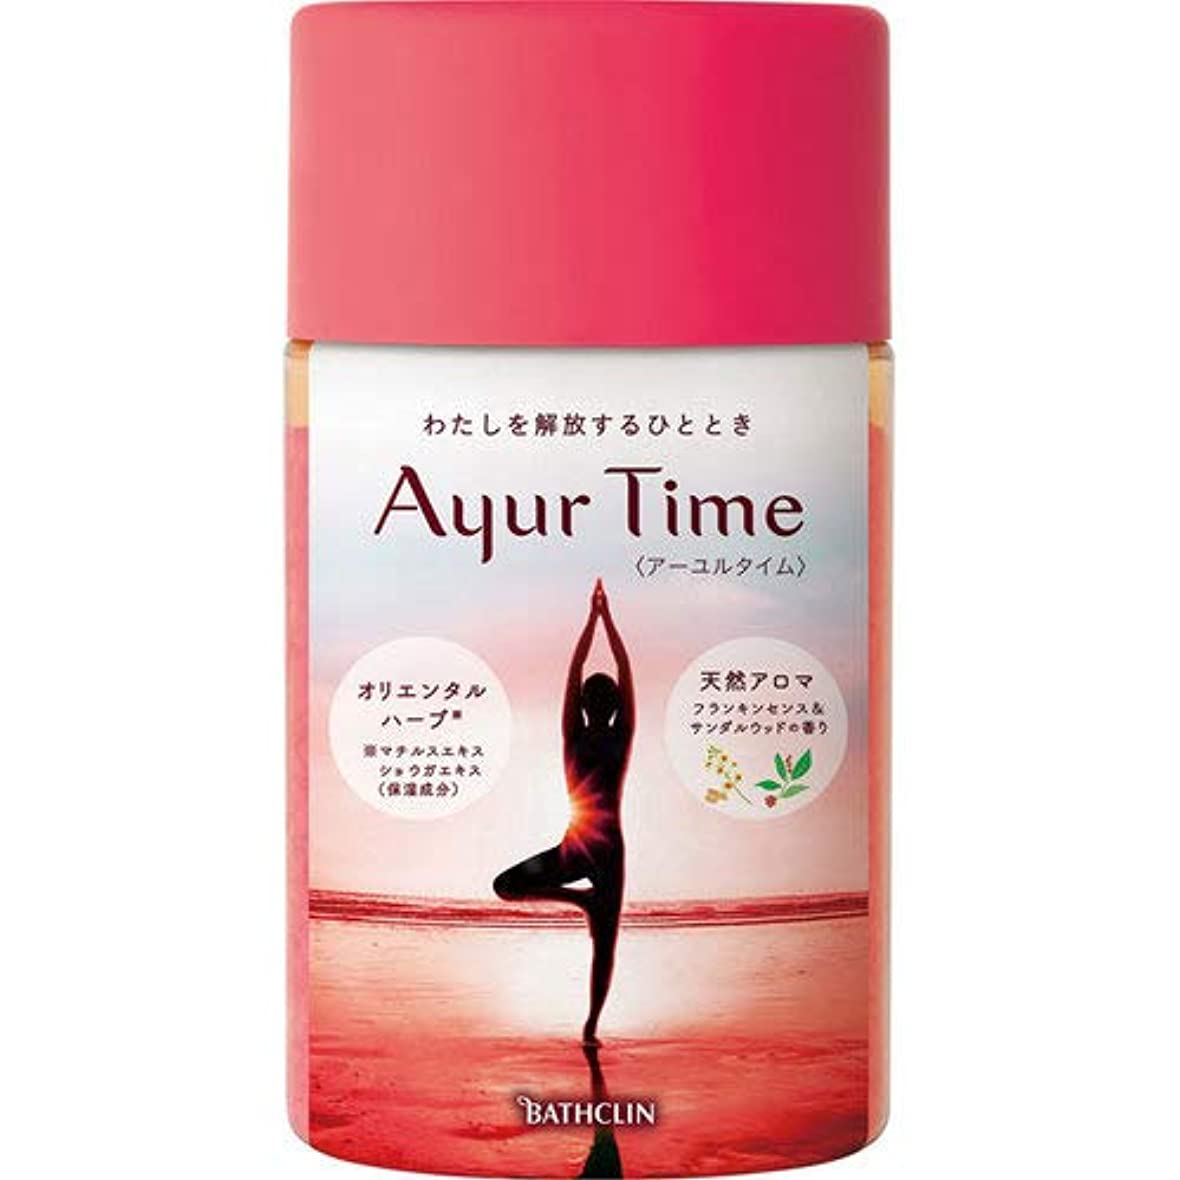 メニュー臭い意味するバスクリン アーユルタイム フランキンセンス&サンダルウッドの香り 入浴剤 720g